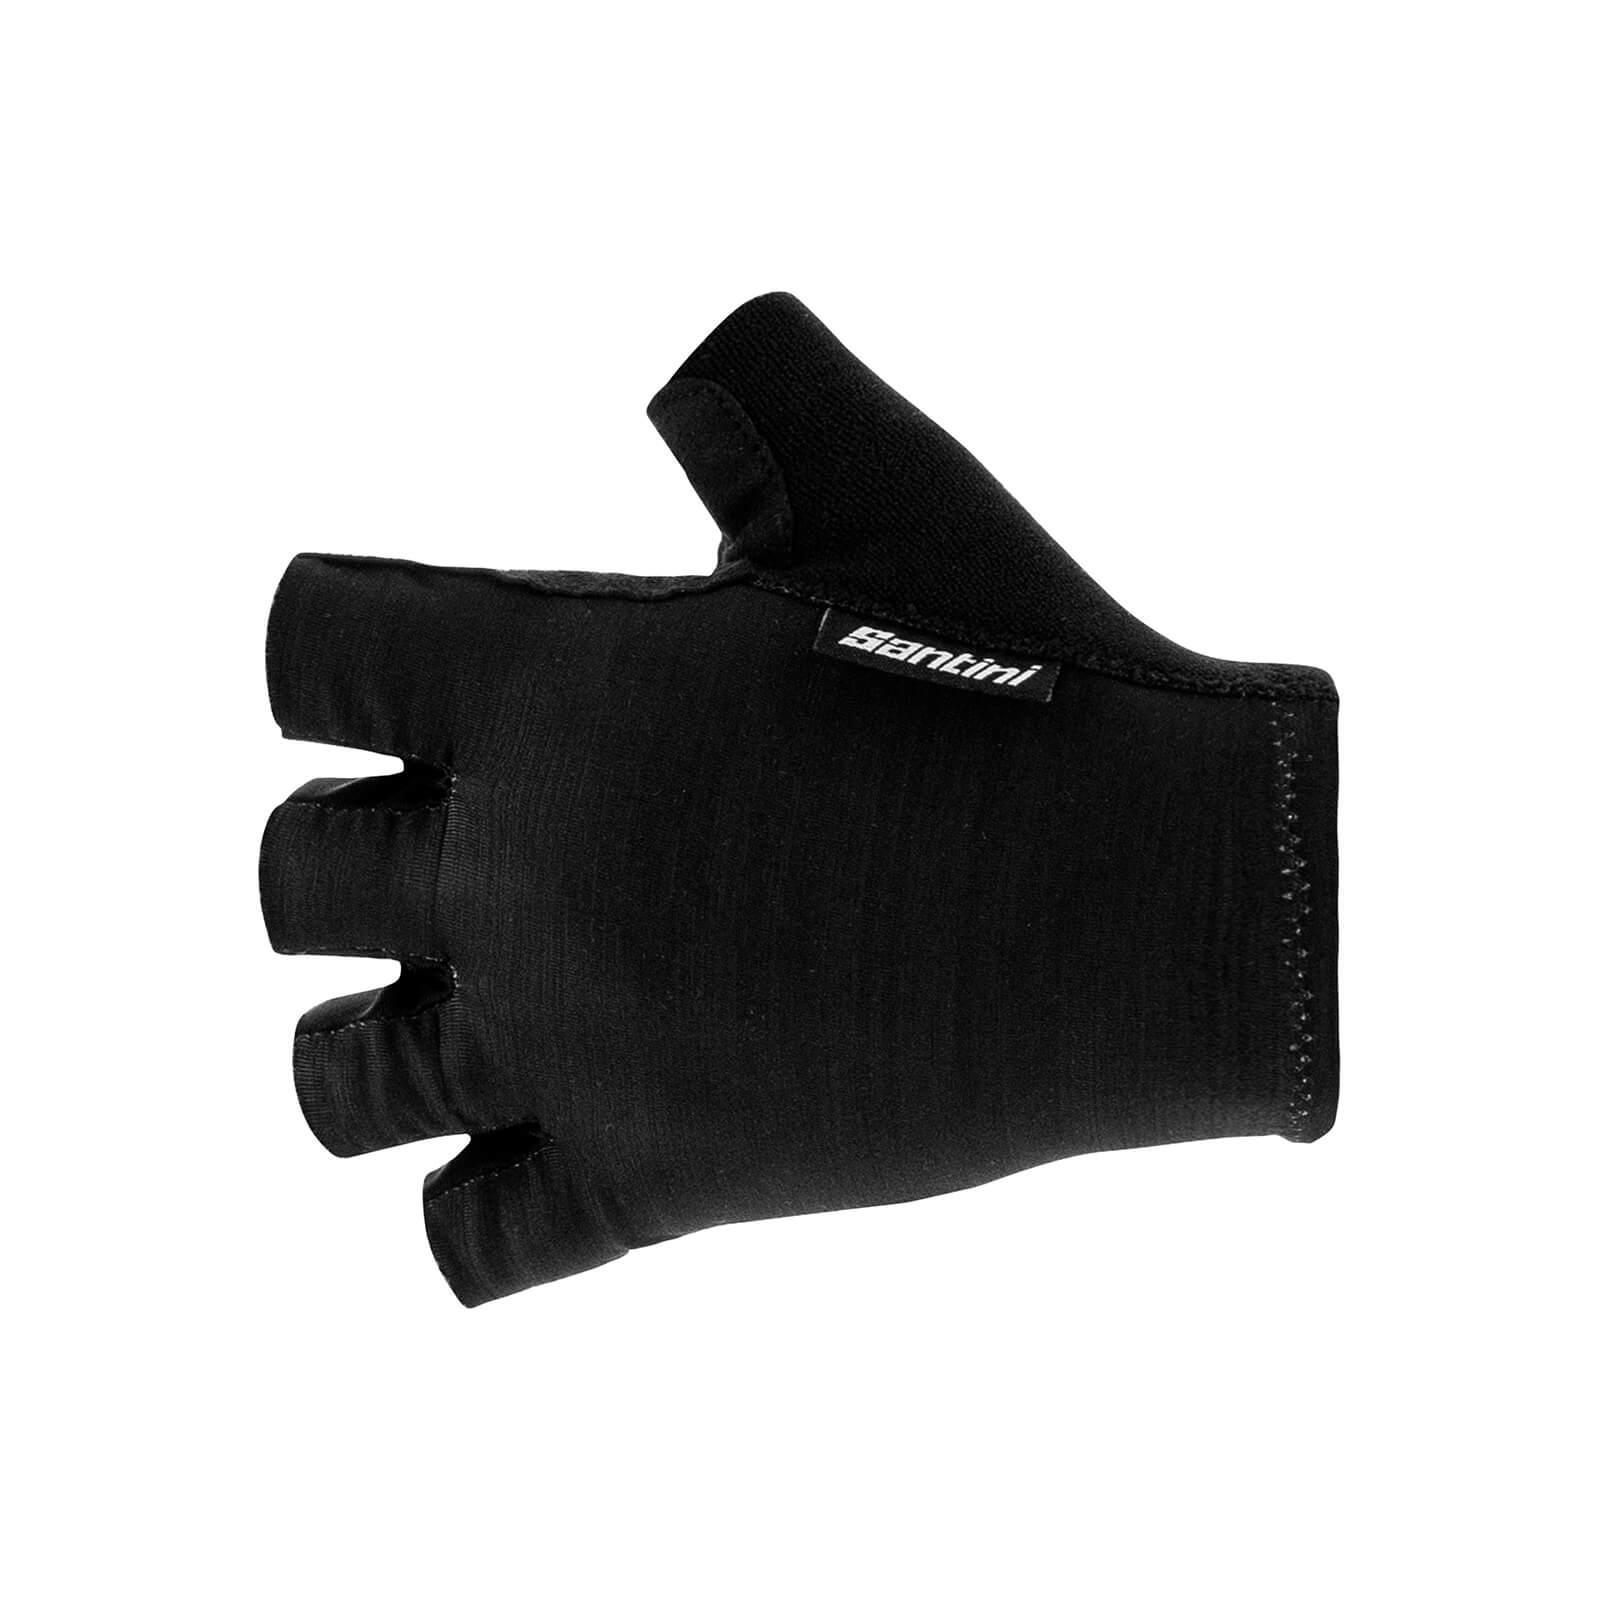 Santini Cubo Gloves - L - Black